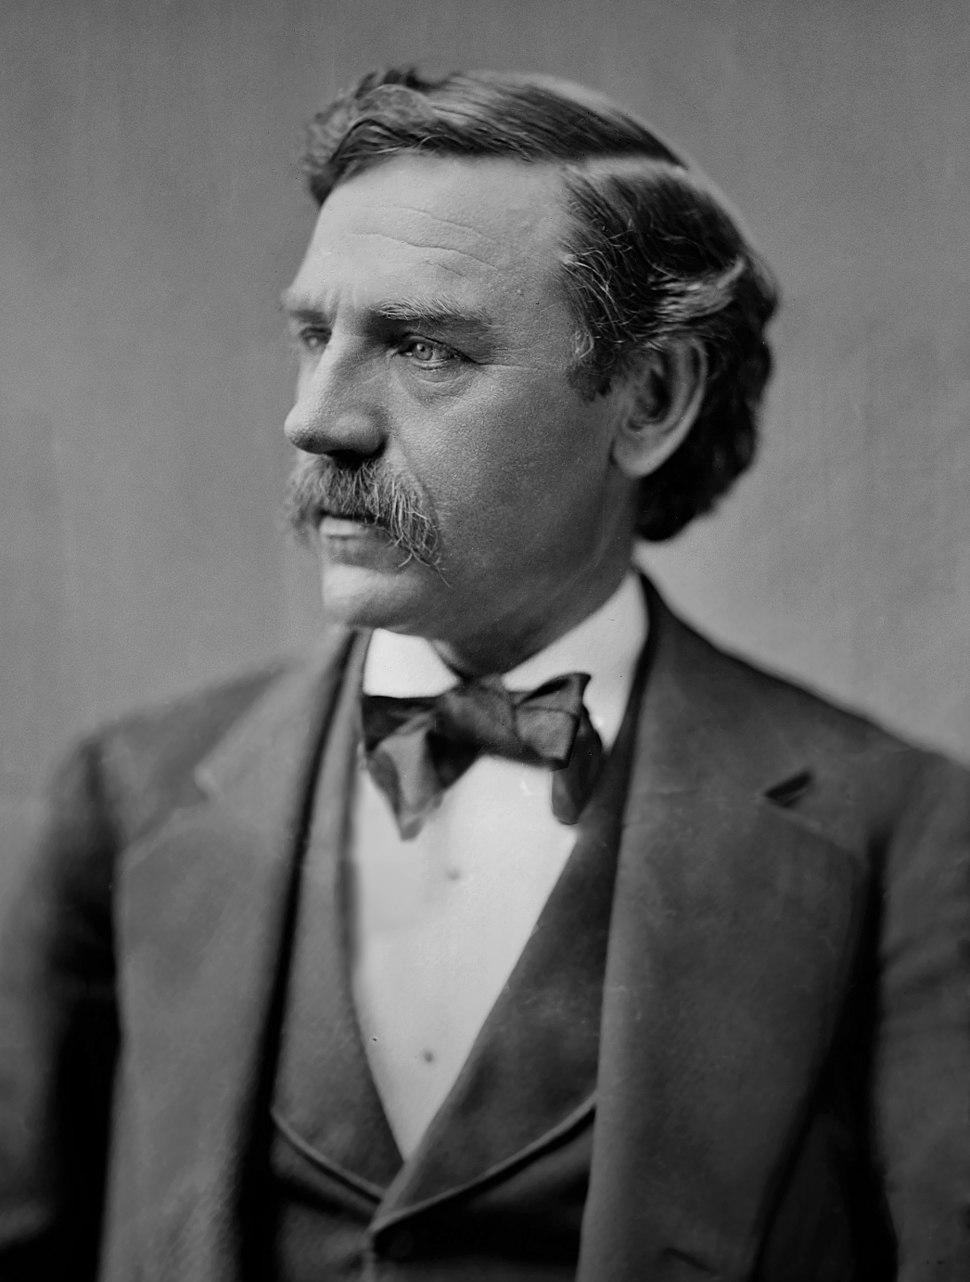 William P. Frye - Brady-Handy